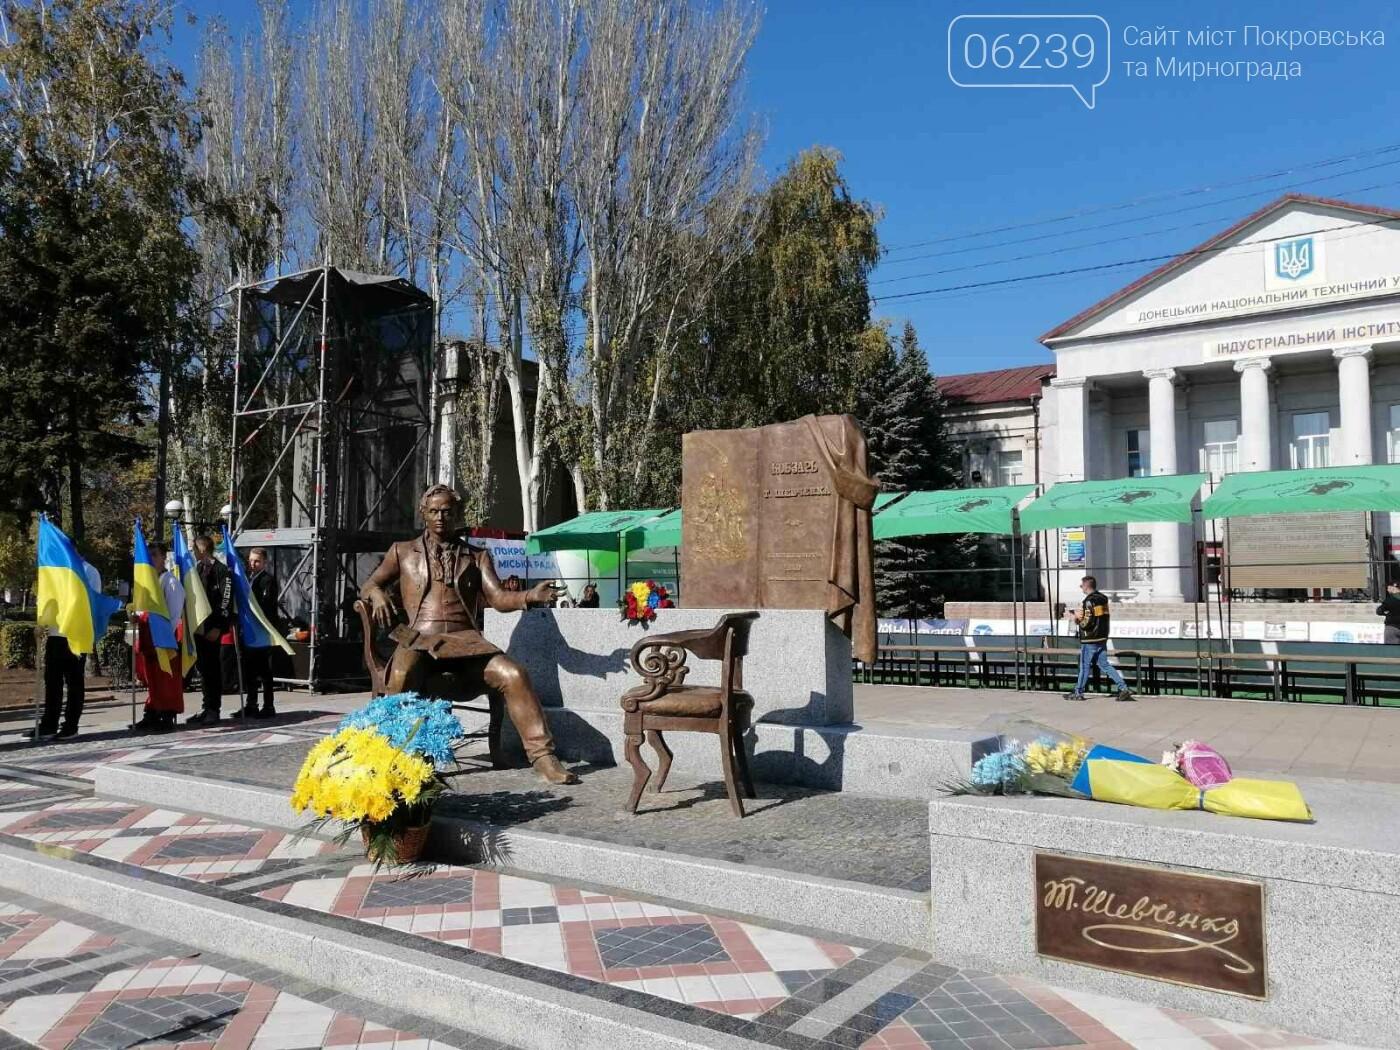 В Покровске состоялось торжественное открытие памятника Шевченко, фото-1